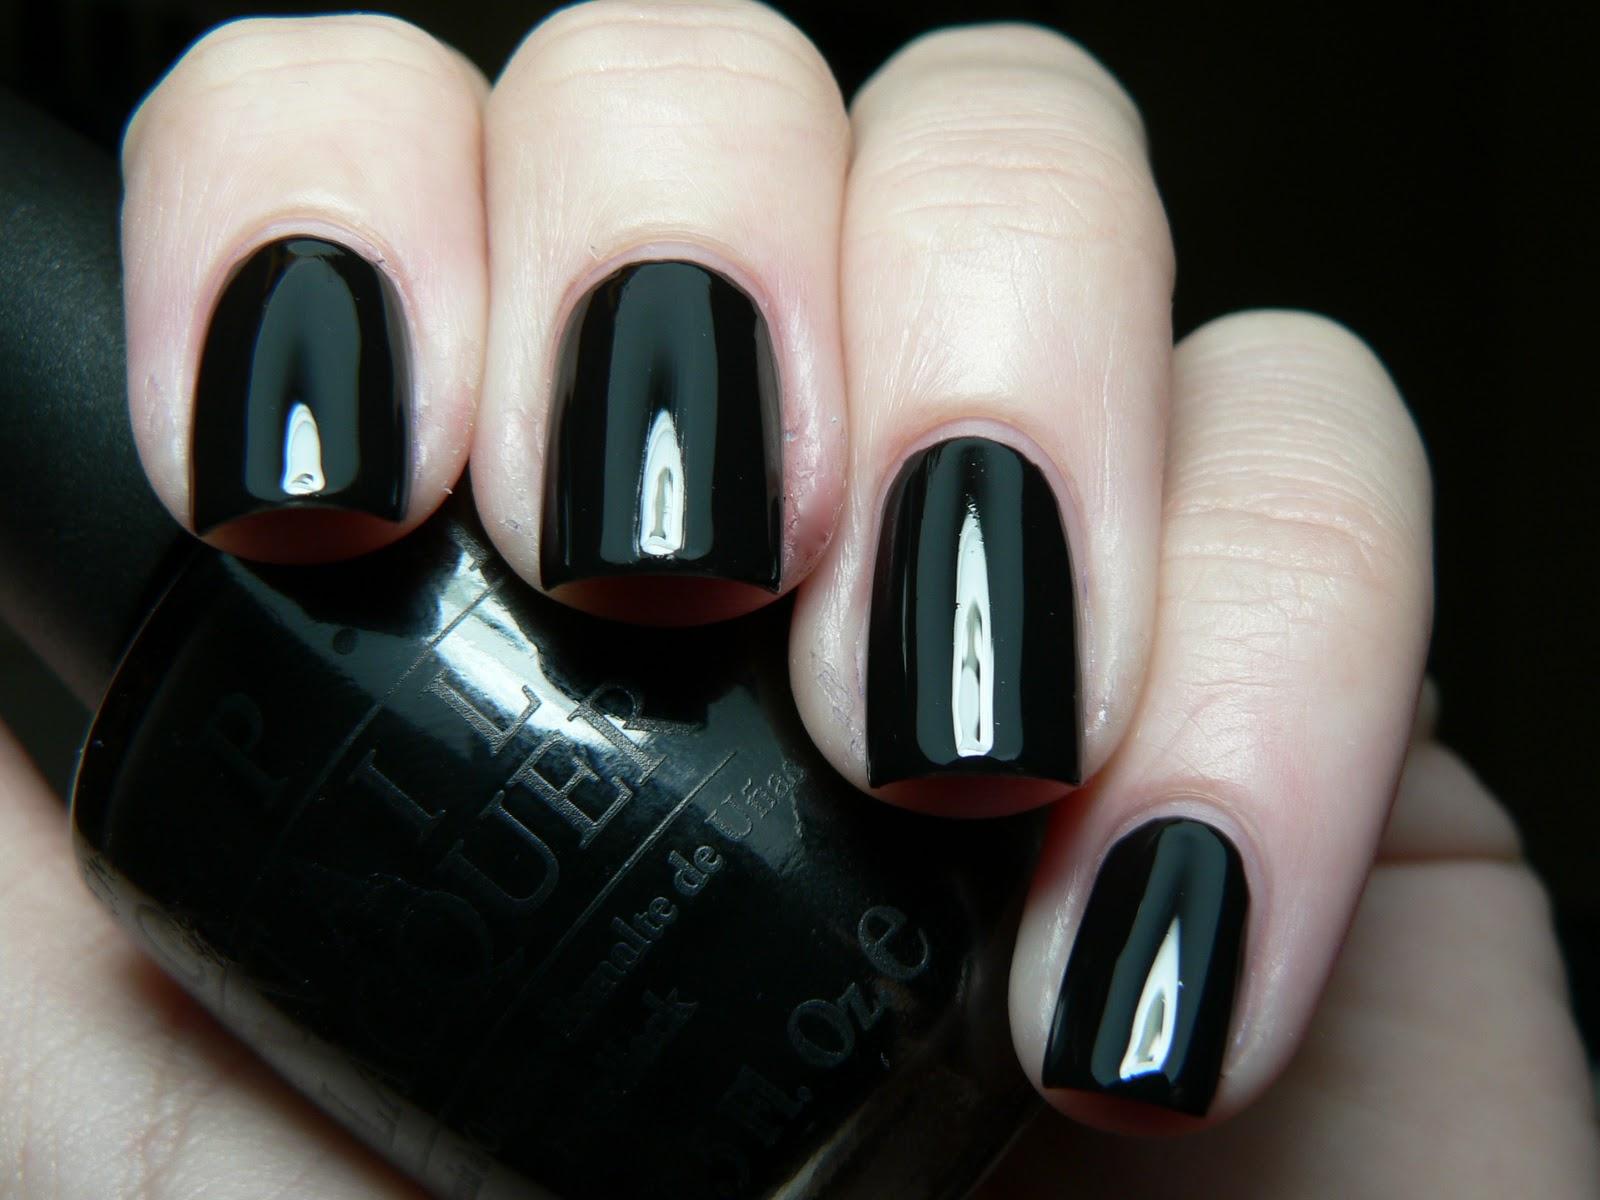 Opi Black Nail Polish | Nails Gallery